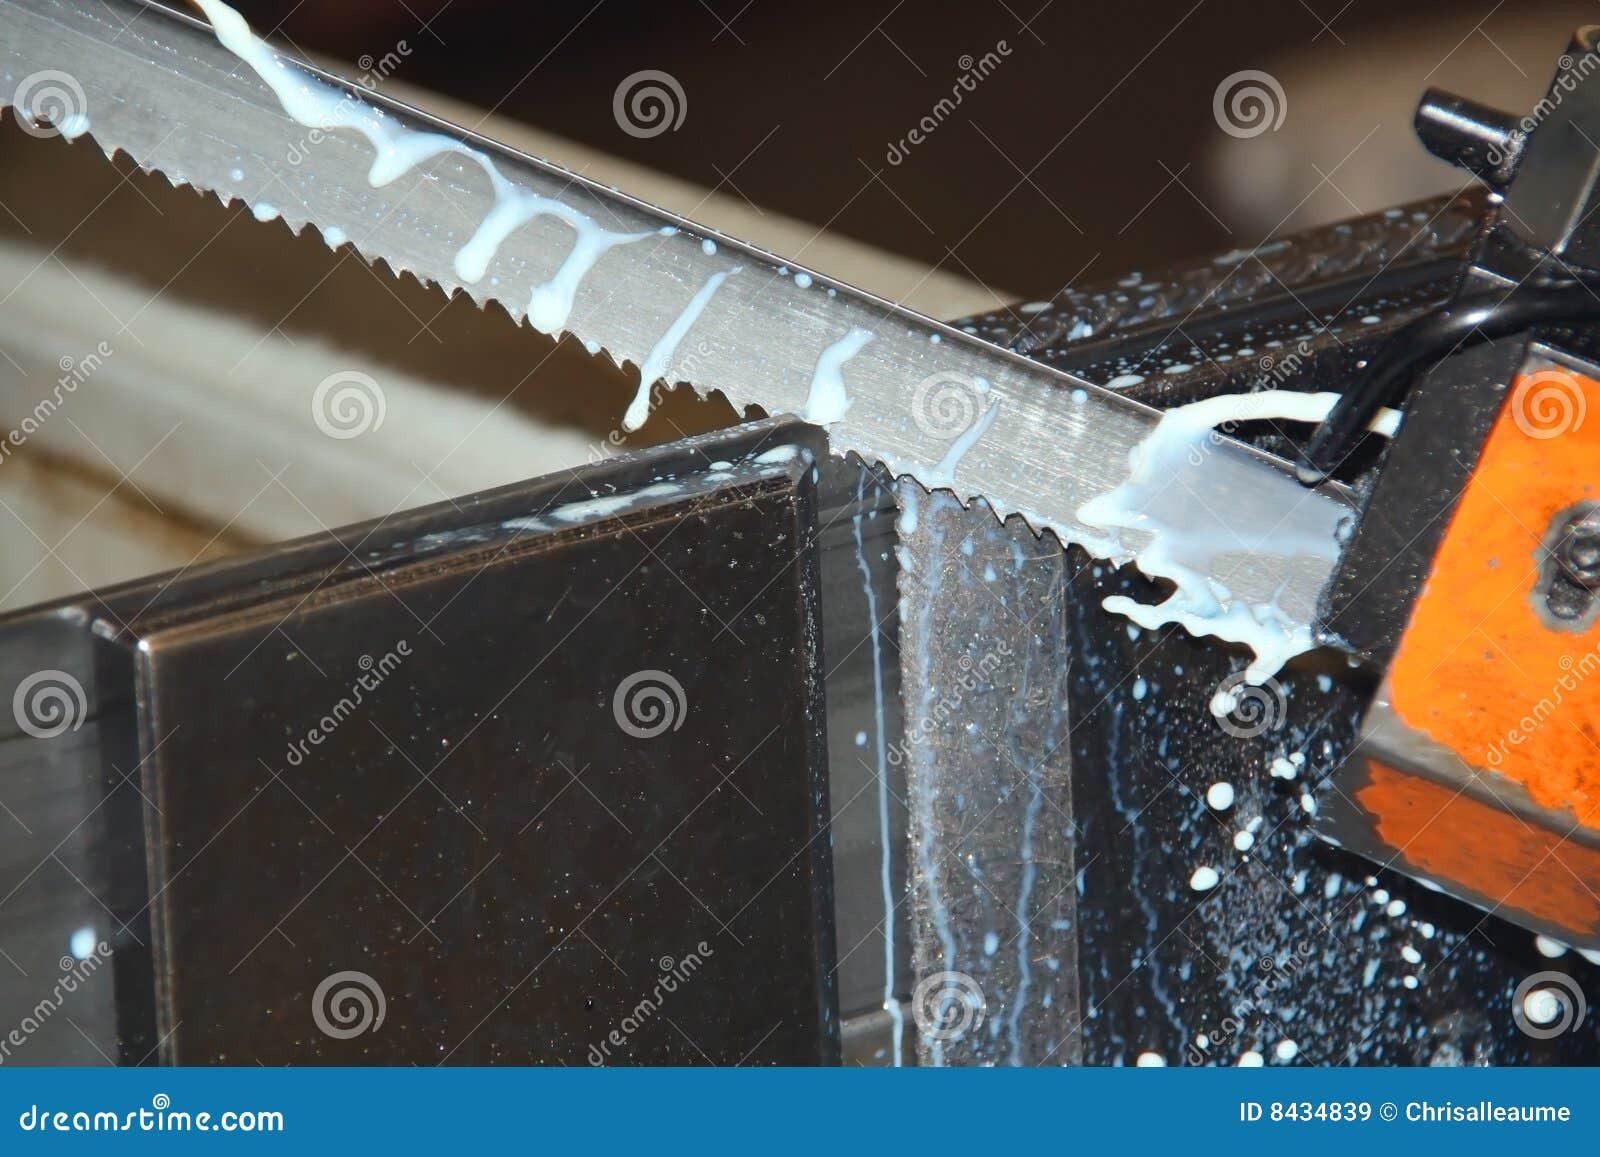 Scie à ruban coupant le métal industriel